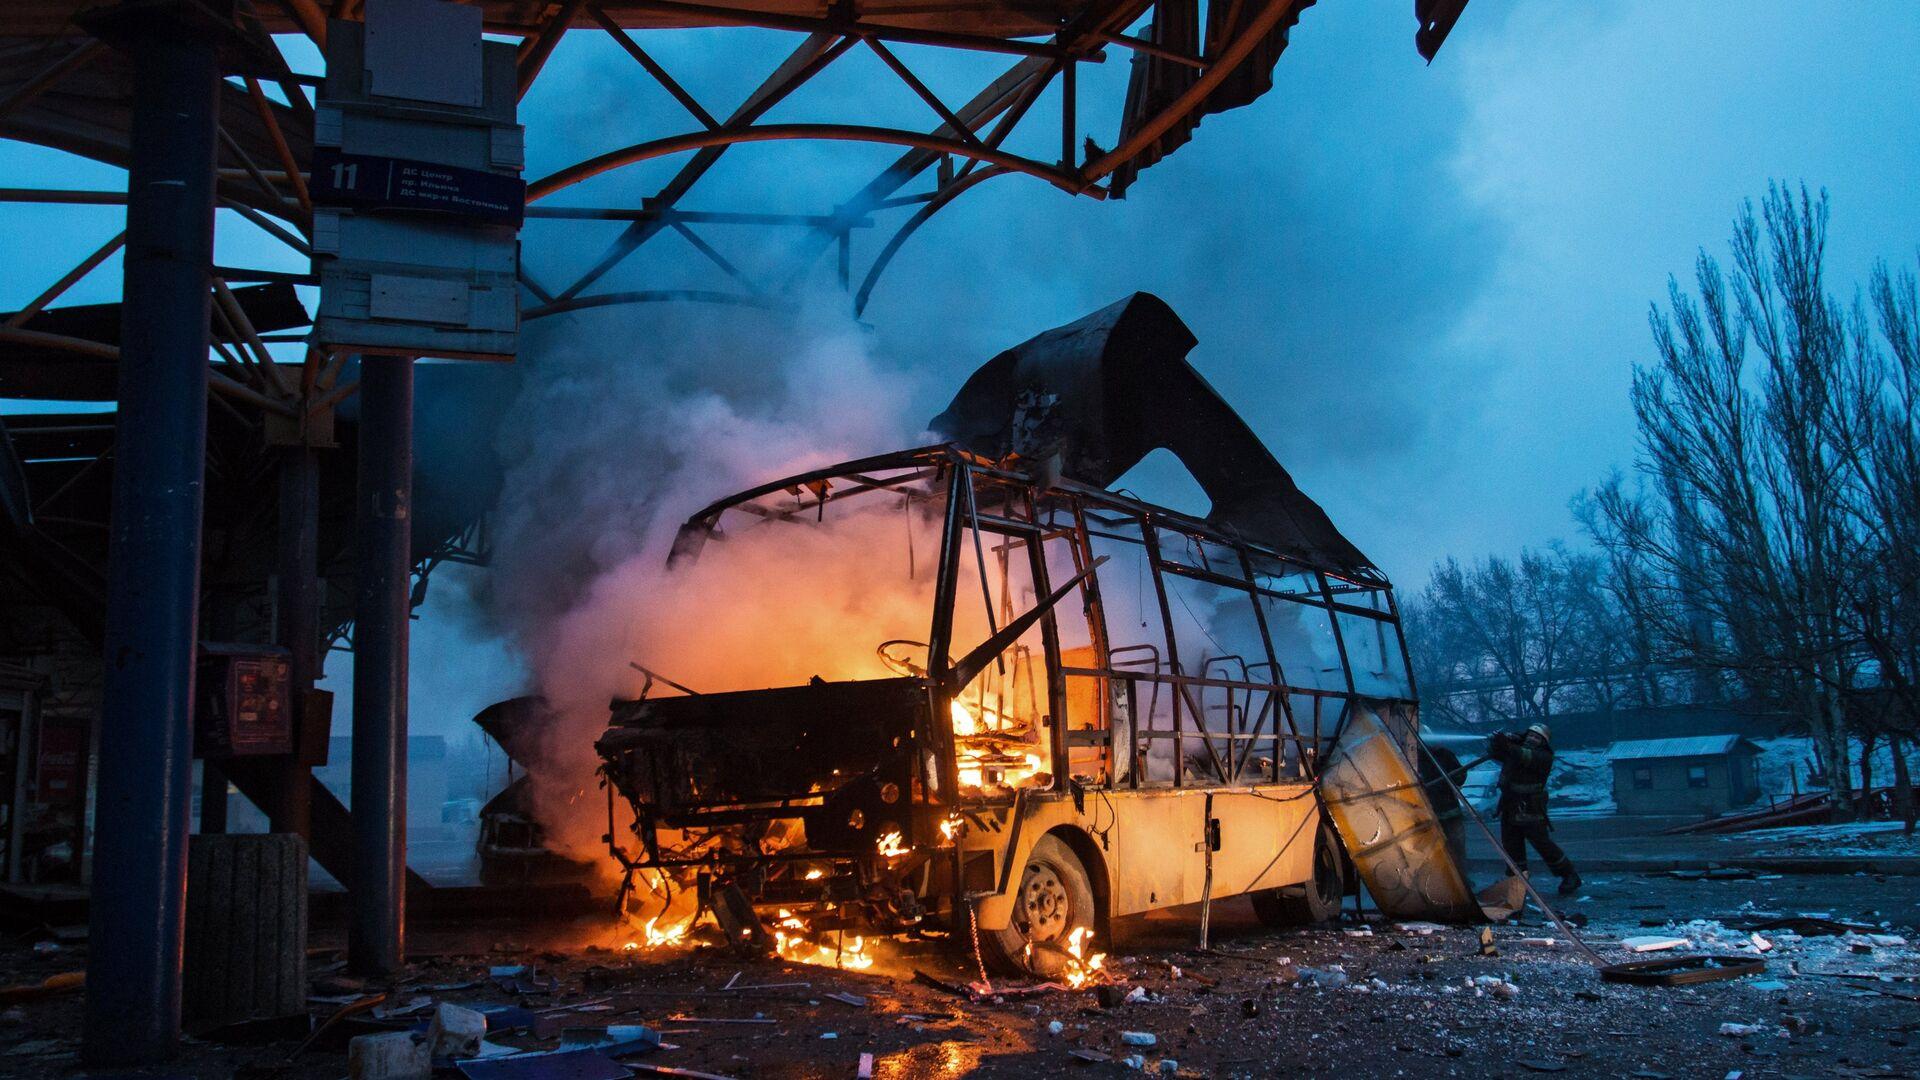 Автобус, поврежденный в результате обстрела, на автостанции в городе Донецке - РИА Новости, 1920, 11.12.2020